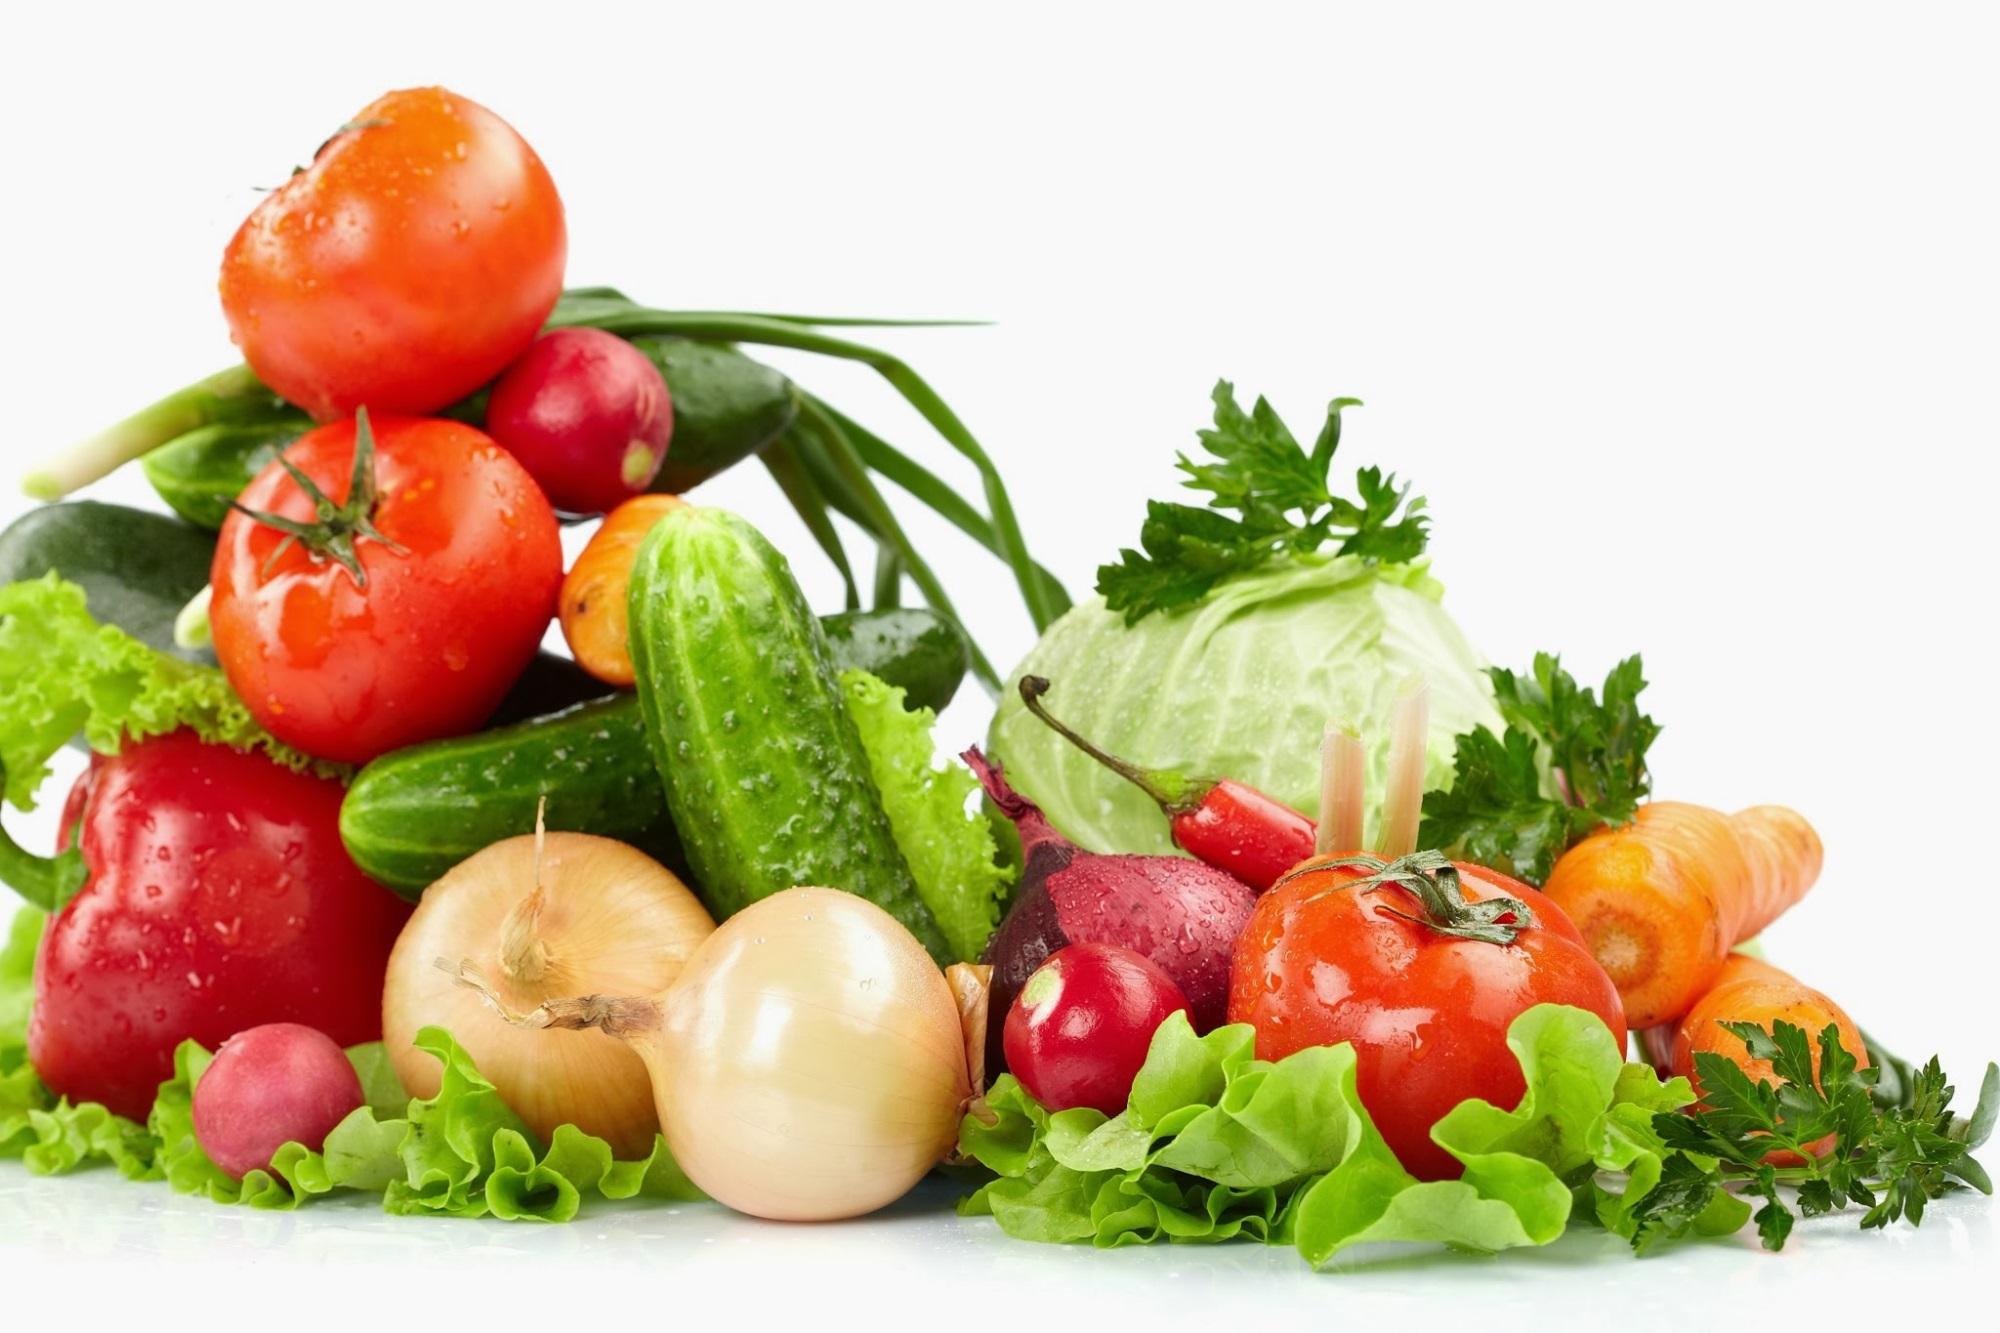 Chế độ ăn uống đủ dưỡng chất mà ít chất béo giúp bé giảm cân